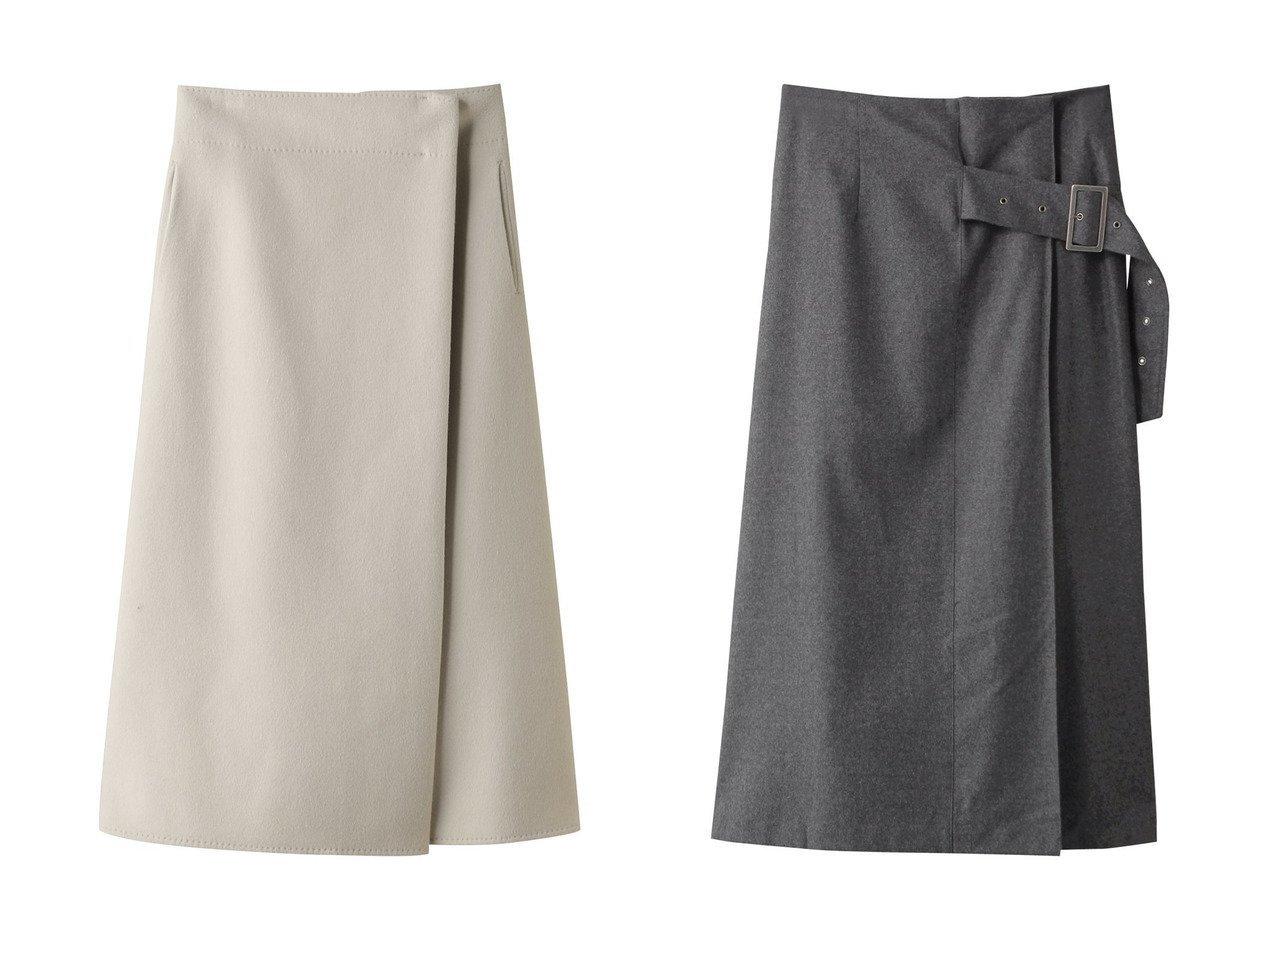 【ebure/エブール】のスーパー120 sダブルビーバー ラップライクスカート&【RITO/リト】のライトフランネルウールスカート スカートのおすすめ!人気、レディースファッションの通販 おすすめで人気のファッション通販商品 インテリア・家具・キッズファッション・メンズファッション・レディースファッション・服の通販 founy(ファニー) https://founy.com/ ファッション Fashion レディース WOMEN スカート Skirt ロングスカート Long Skirt セットアップ ダブル フロント ロング シンプル ルーズ ヴィンテージ |ID:crp329100000000067